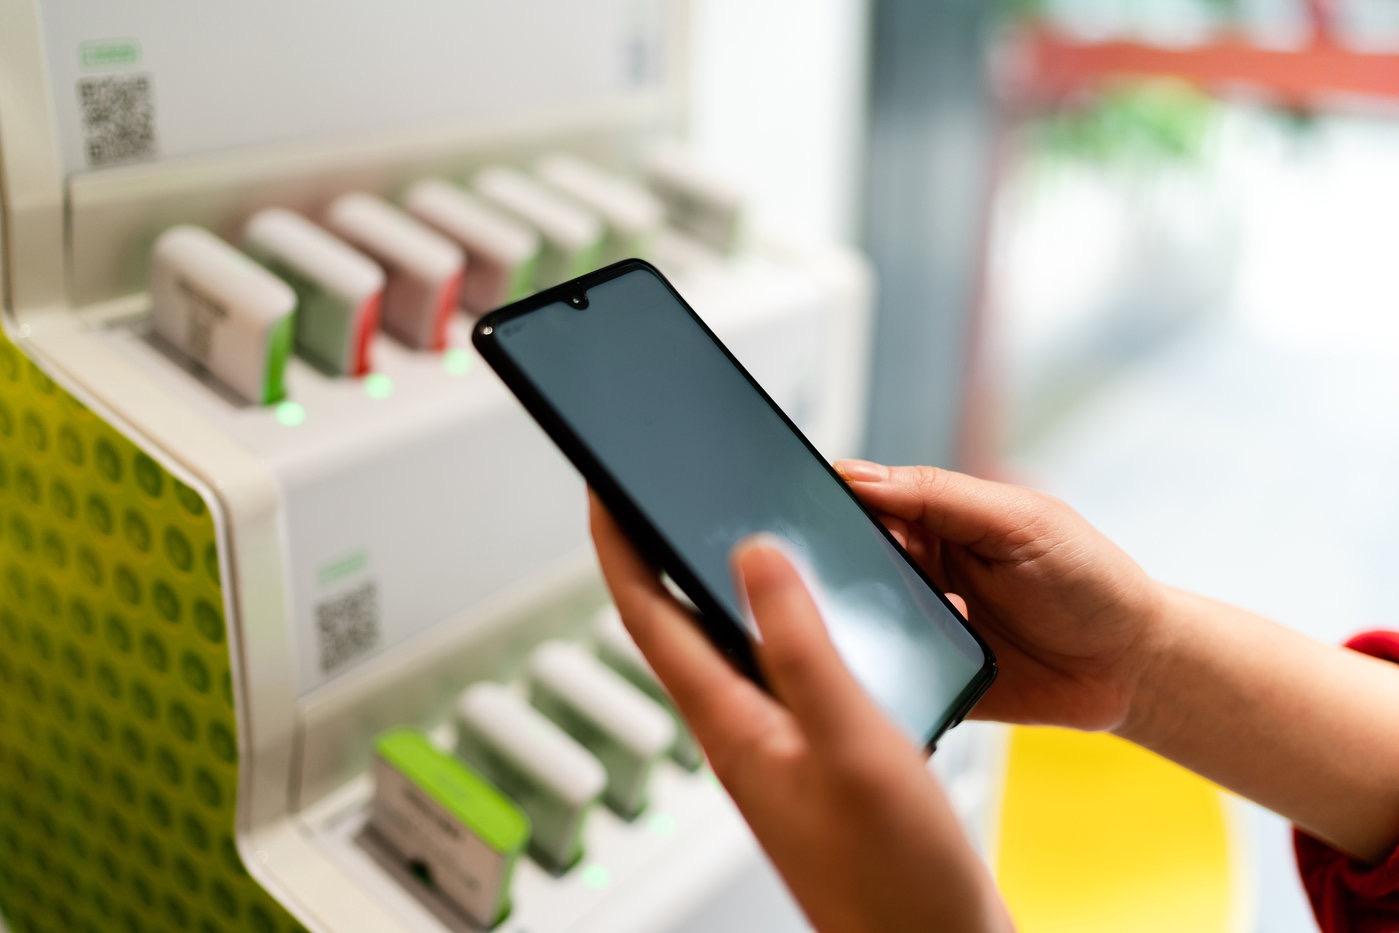 涨价失用户、低价没利润,共享充电宝的集体困境能解吗?